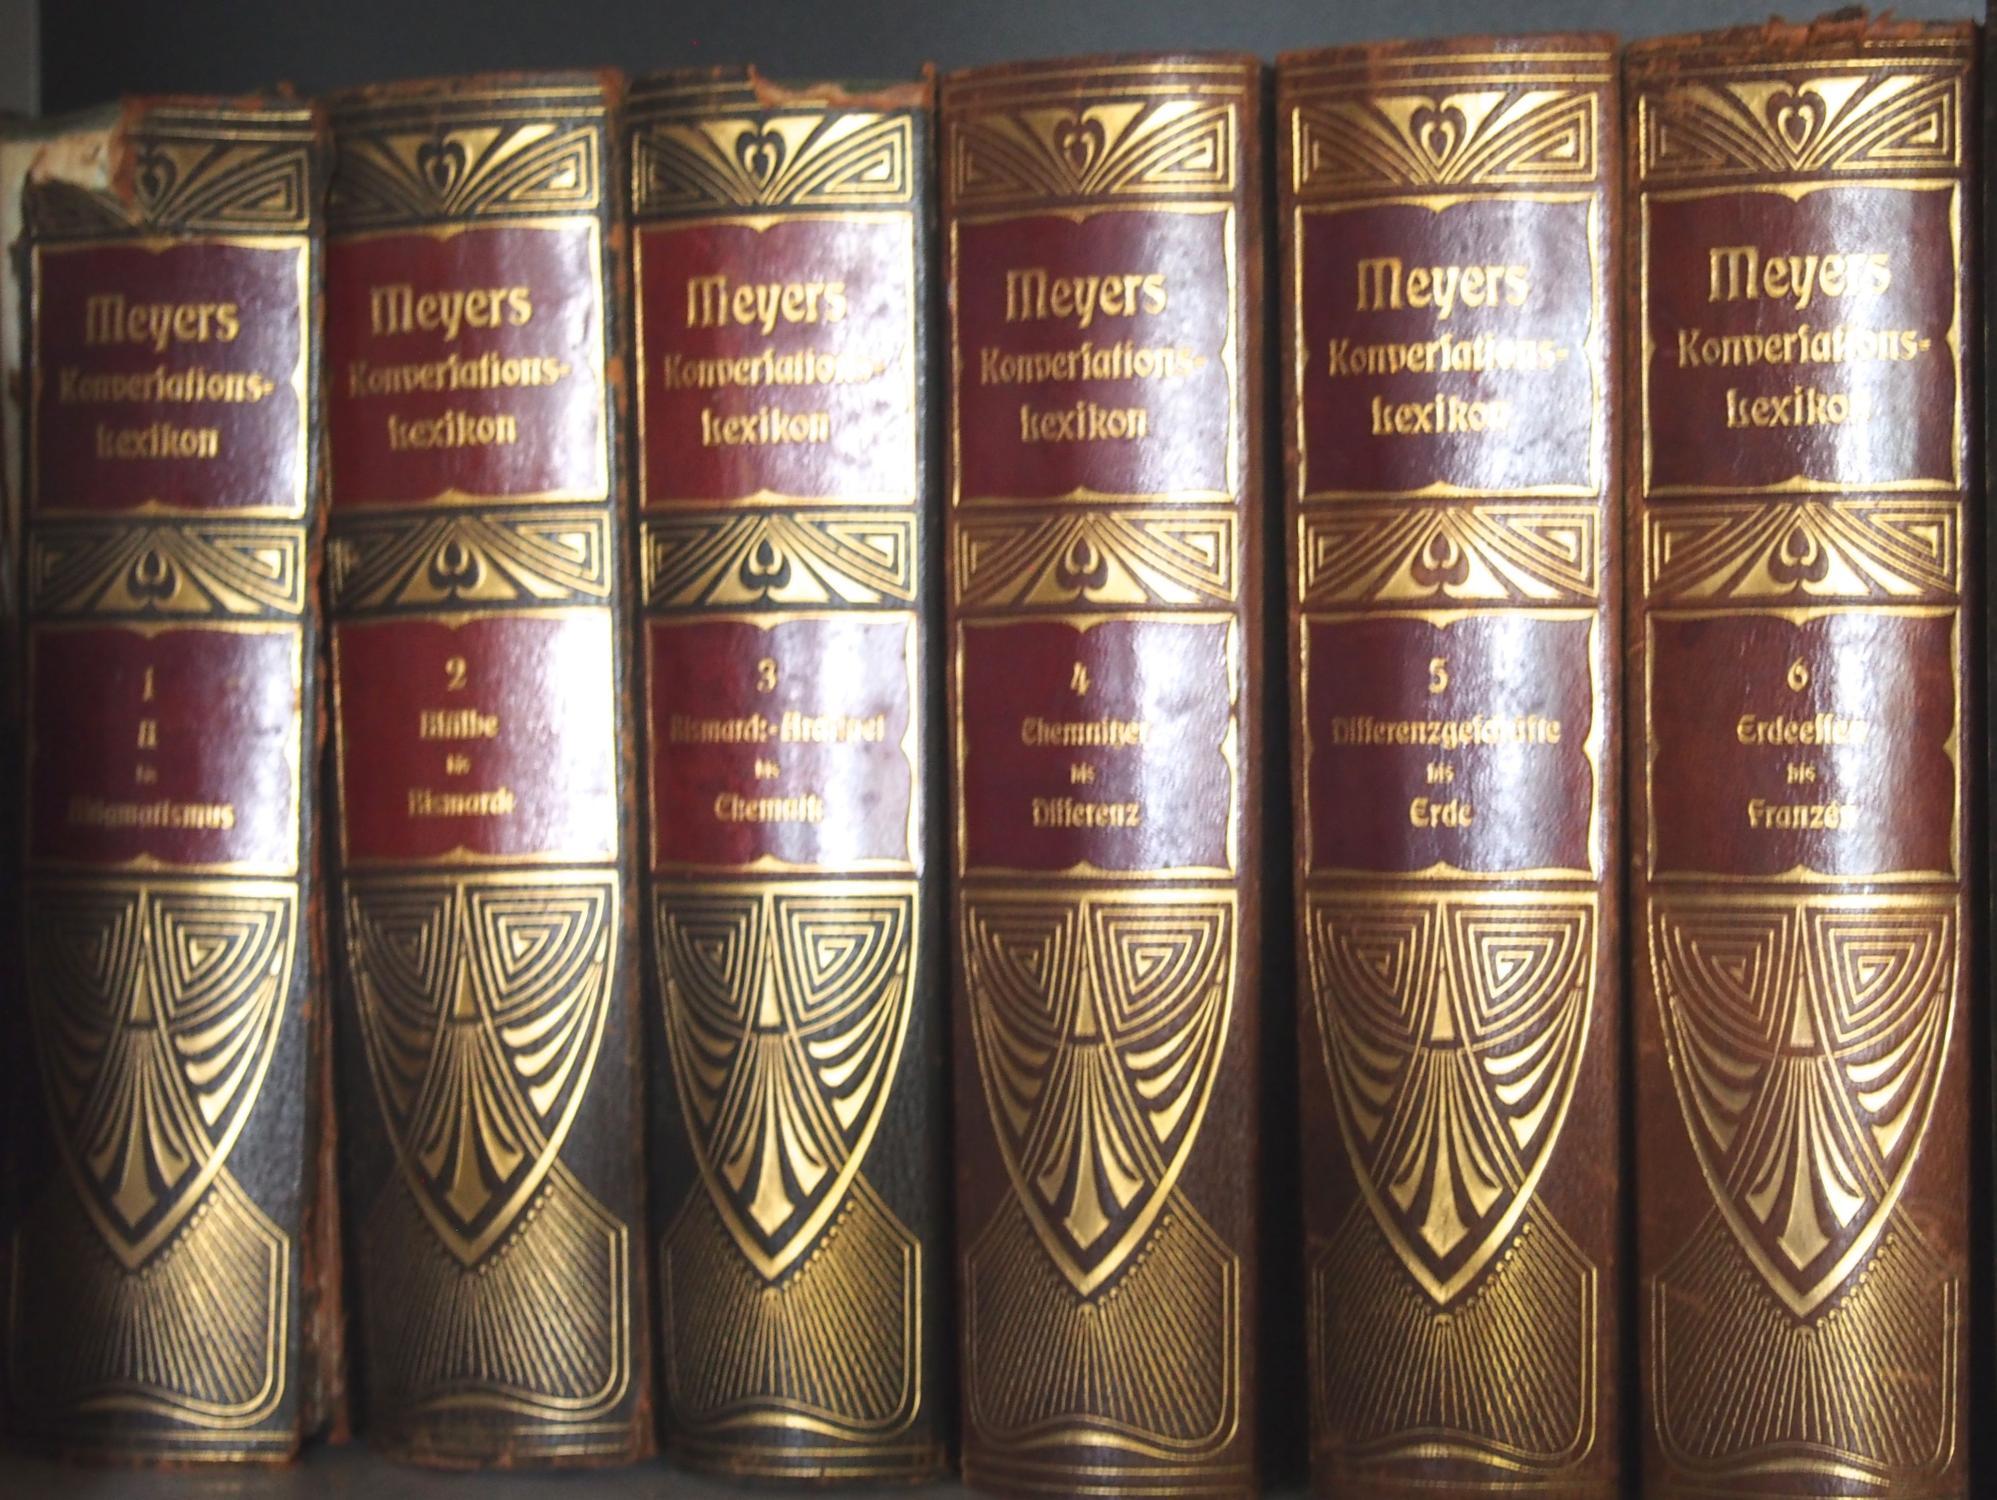 Meyers Großes Konversationslexikon. Sechste Auflage. Bände 1